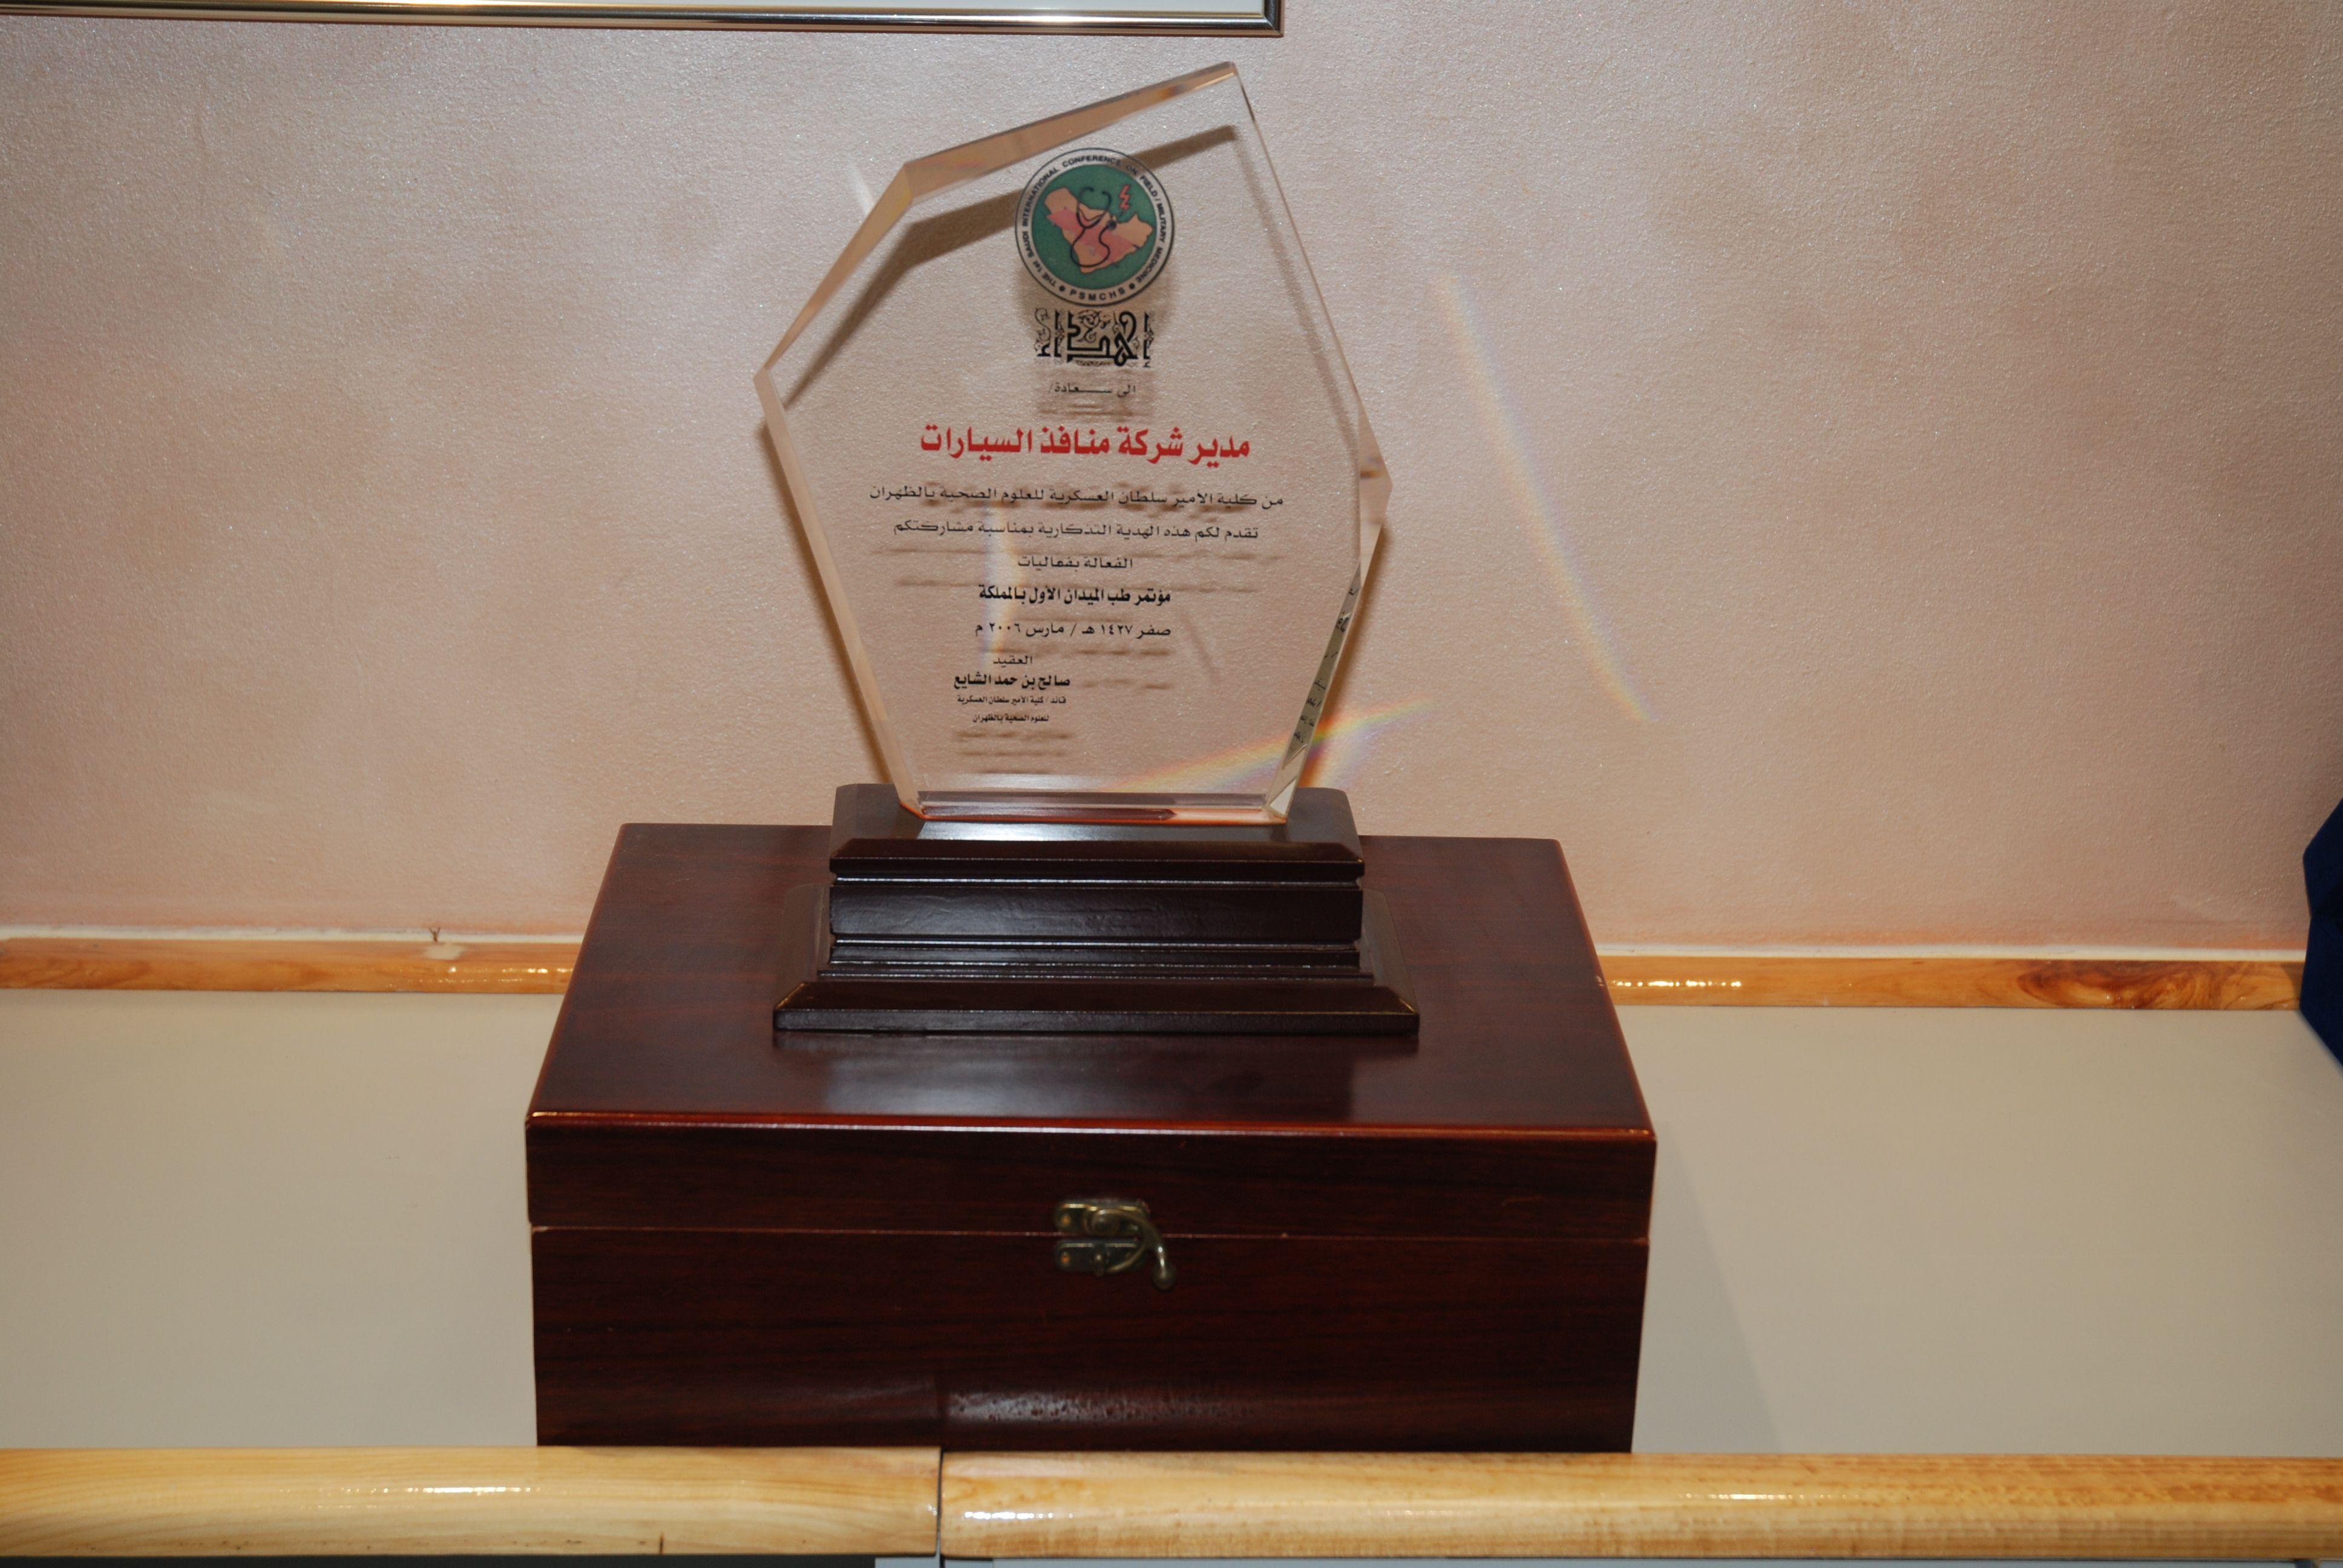 إهداء إلى مدير شركة منافذ عبد الله علي المحيني من كلية الأمير سلطان العسكرية للعلوم الصحية بالظهران وذلك للمشاركة بفعا Award Certificates Certificate Humidors